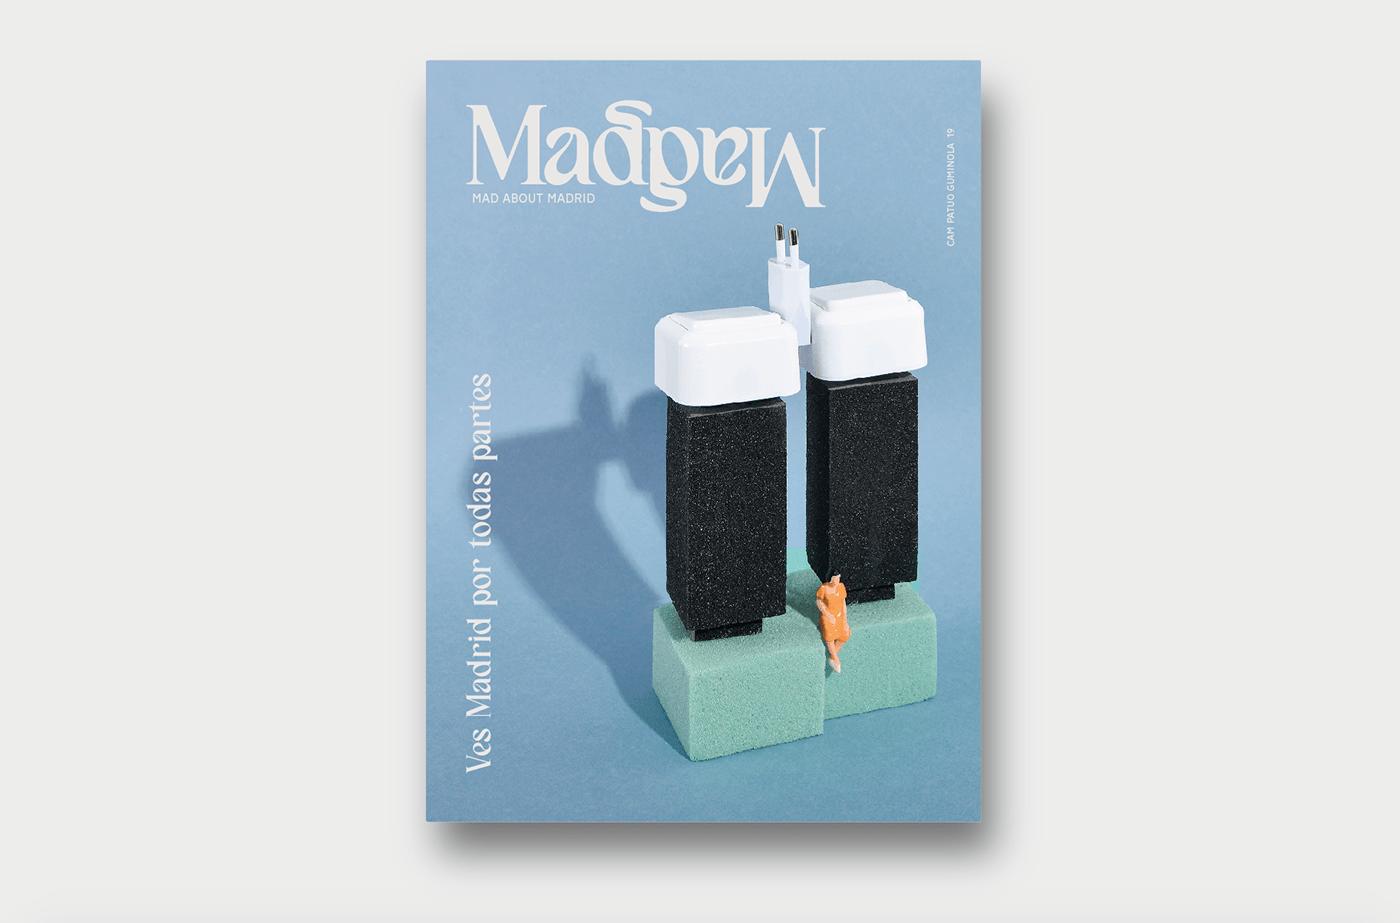 art direction  branding  dirección artística dirección de arte diseño gráfico graphic desing madrid magazine poster set desing